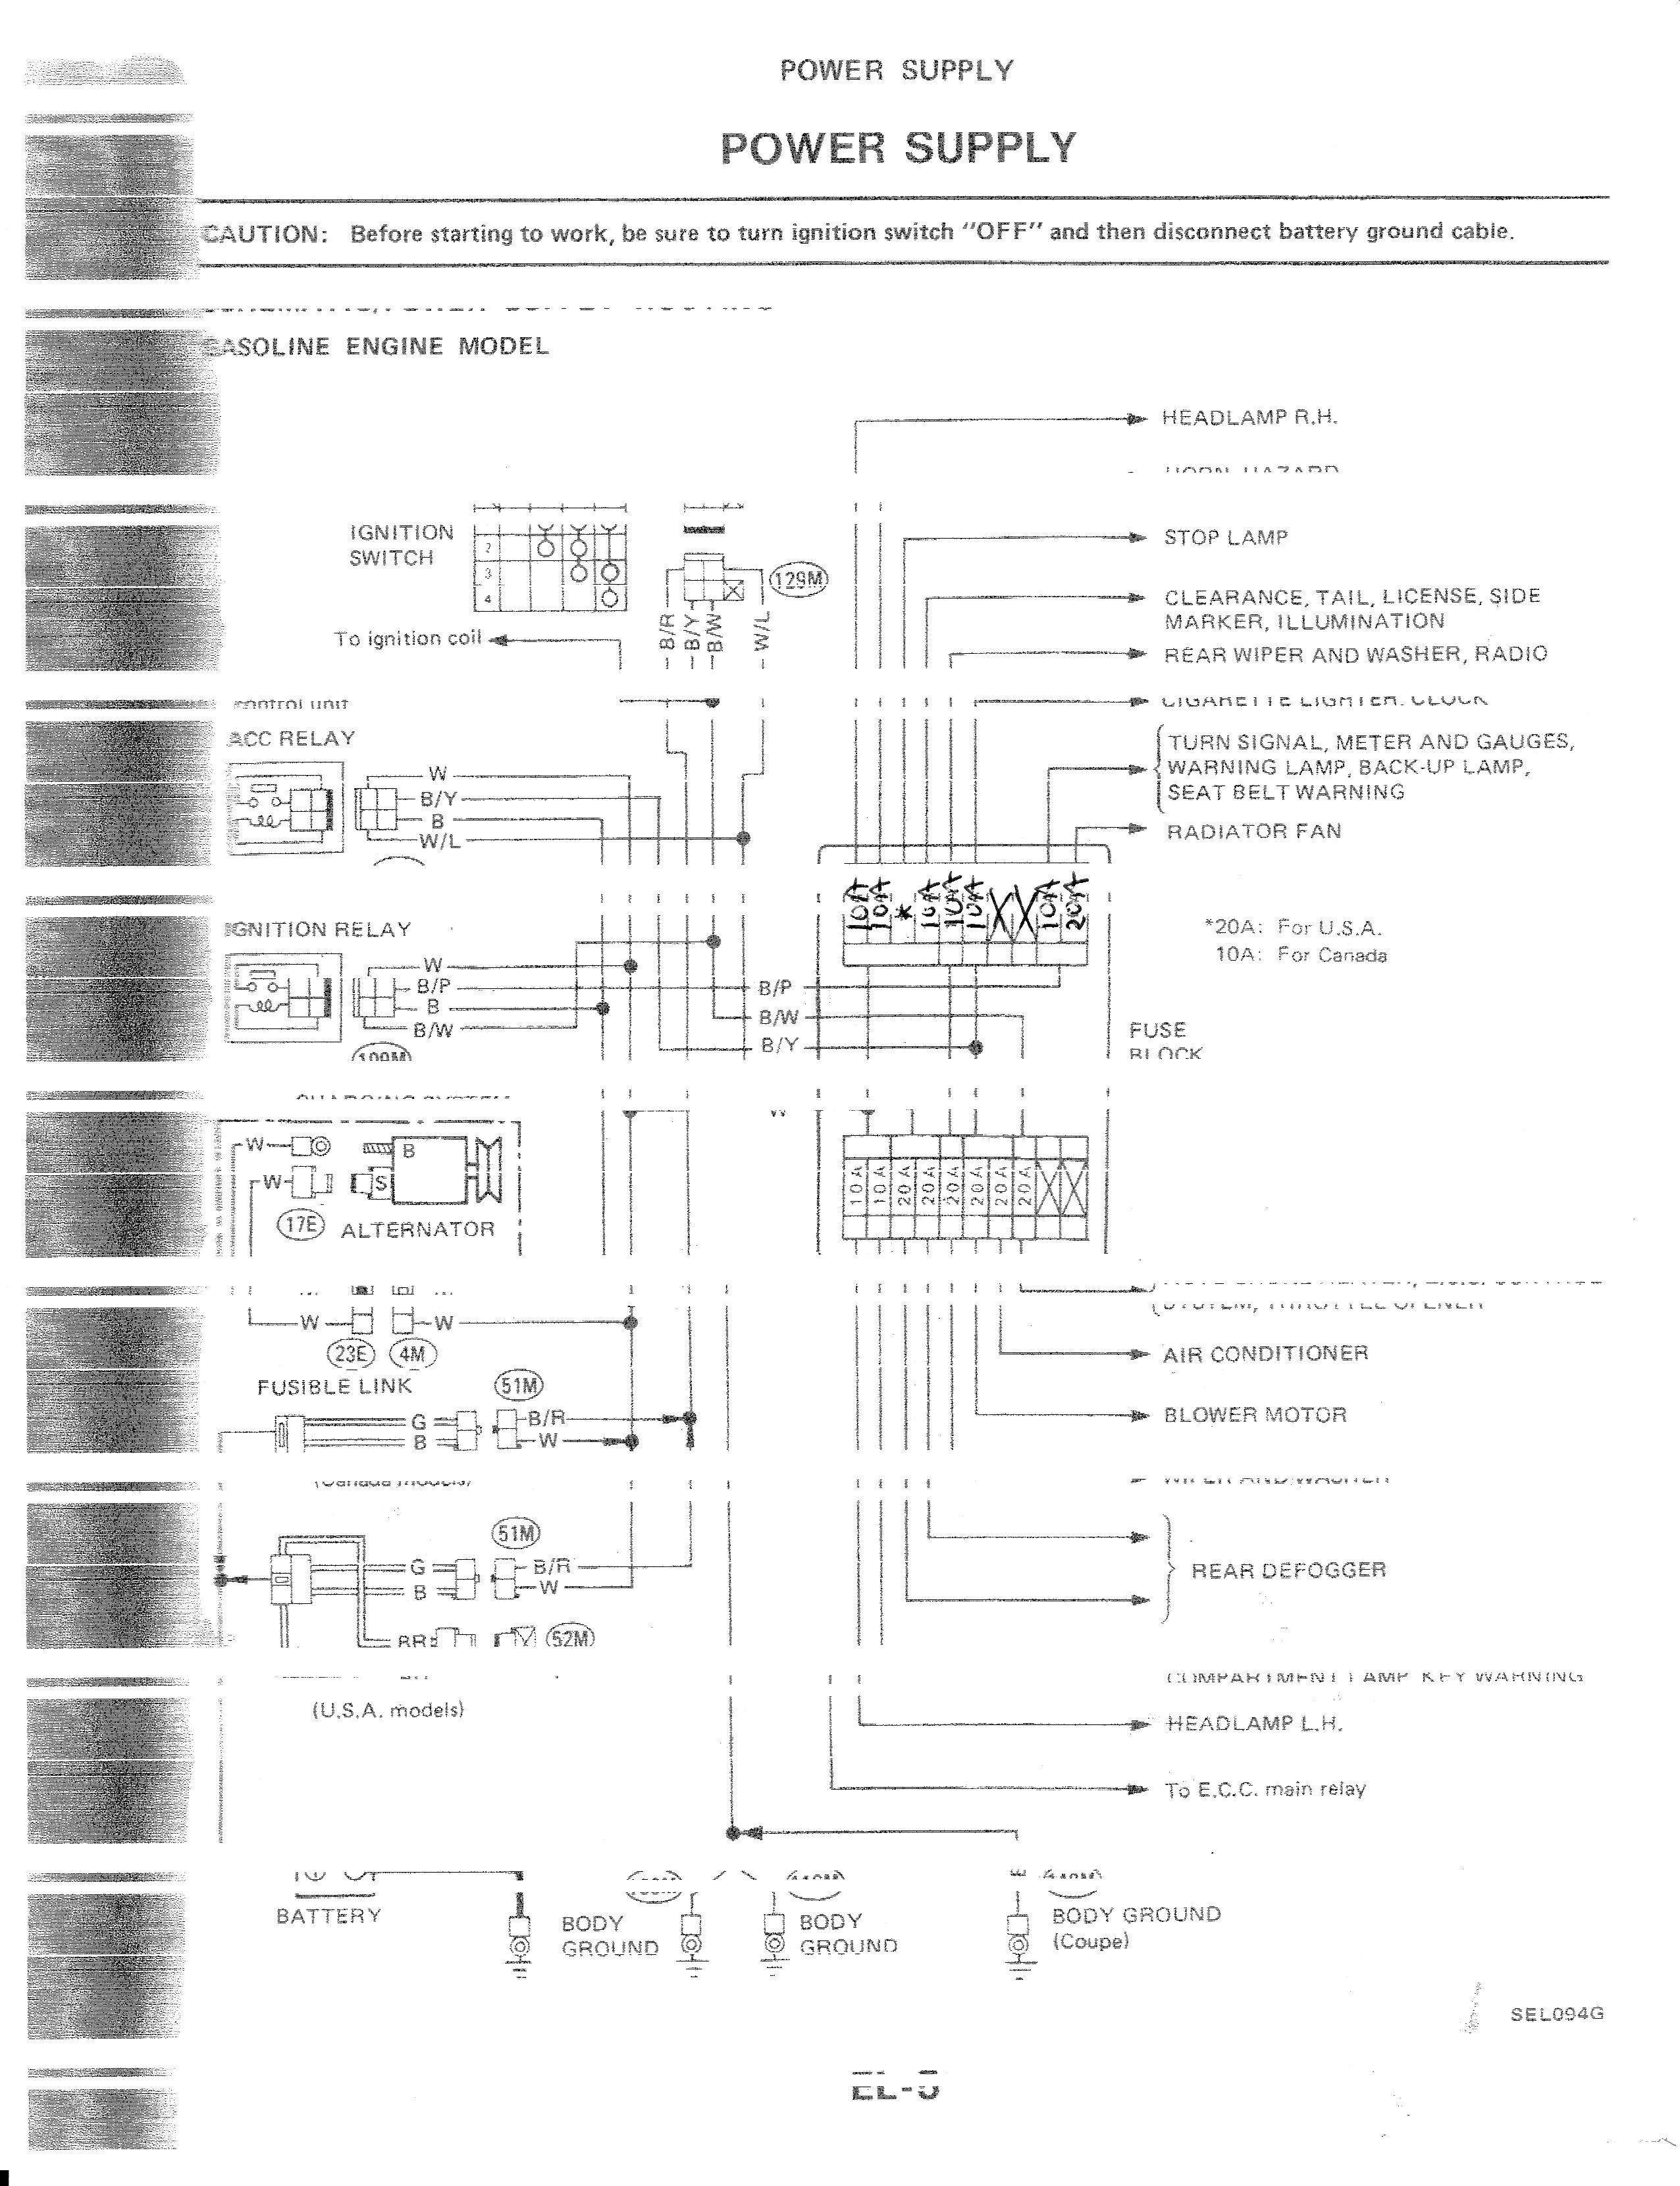 79126_1986_Sentra_Power_Diagram_122_421lo.jpg